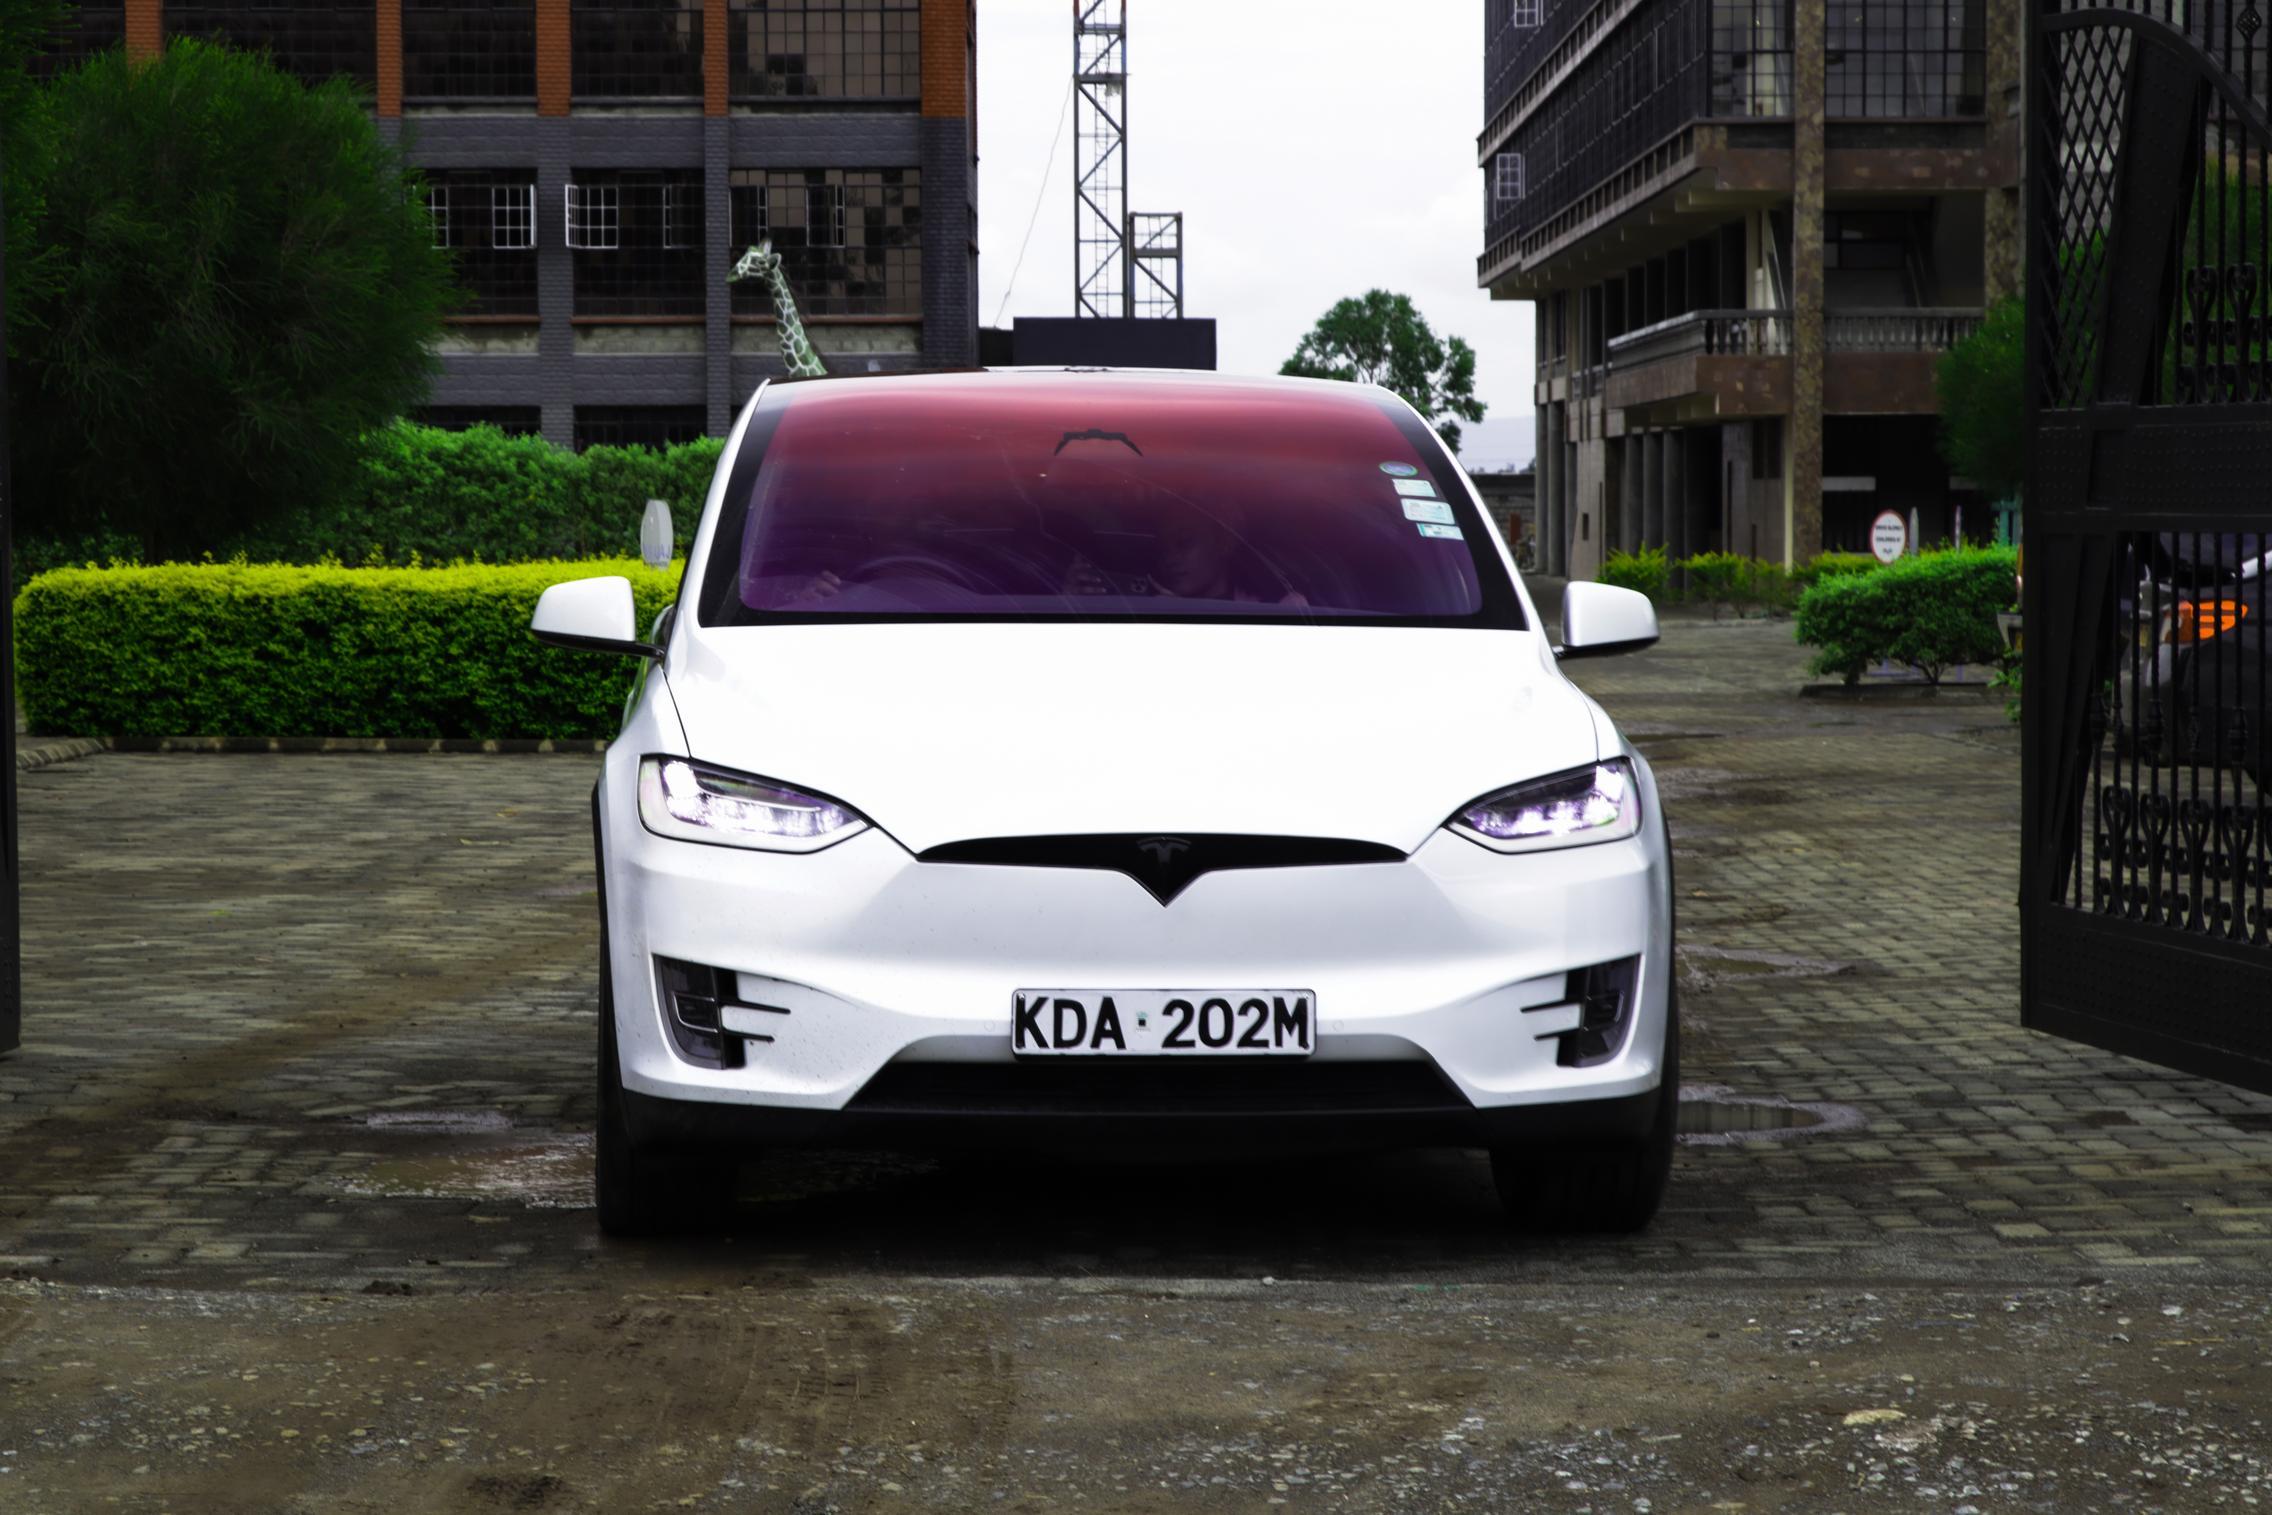 Telsa Model X headlights